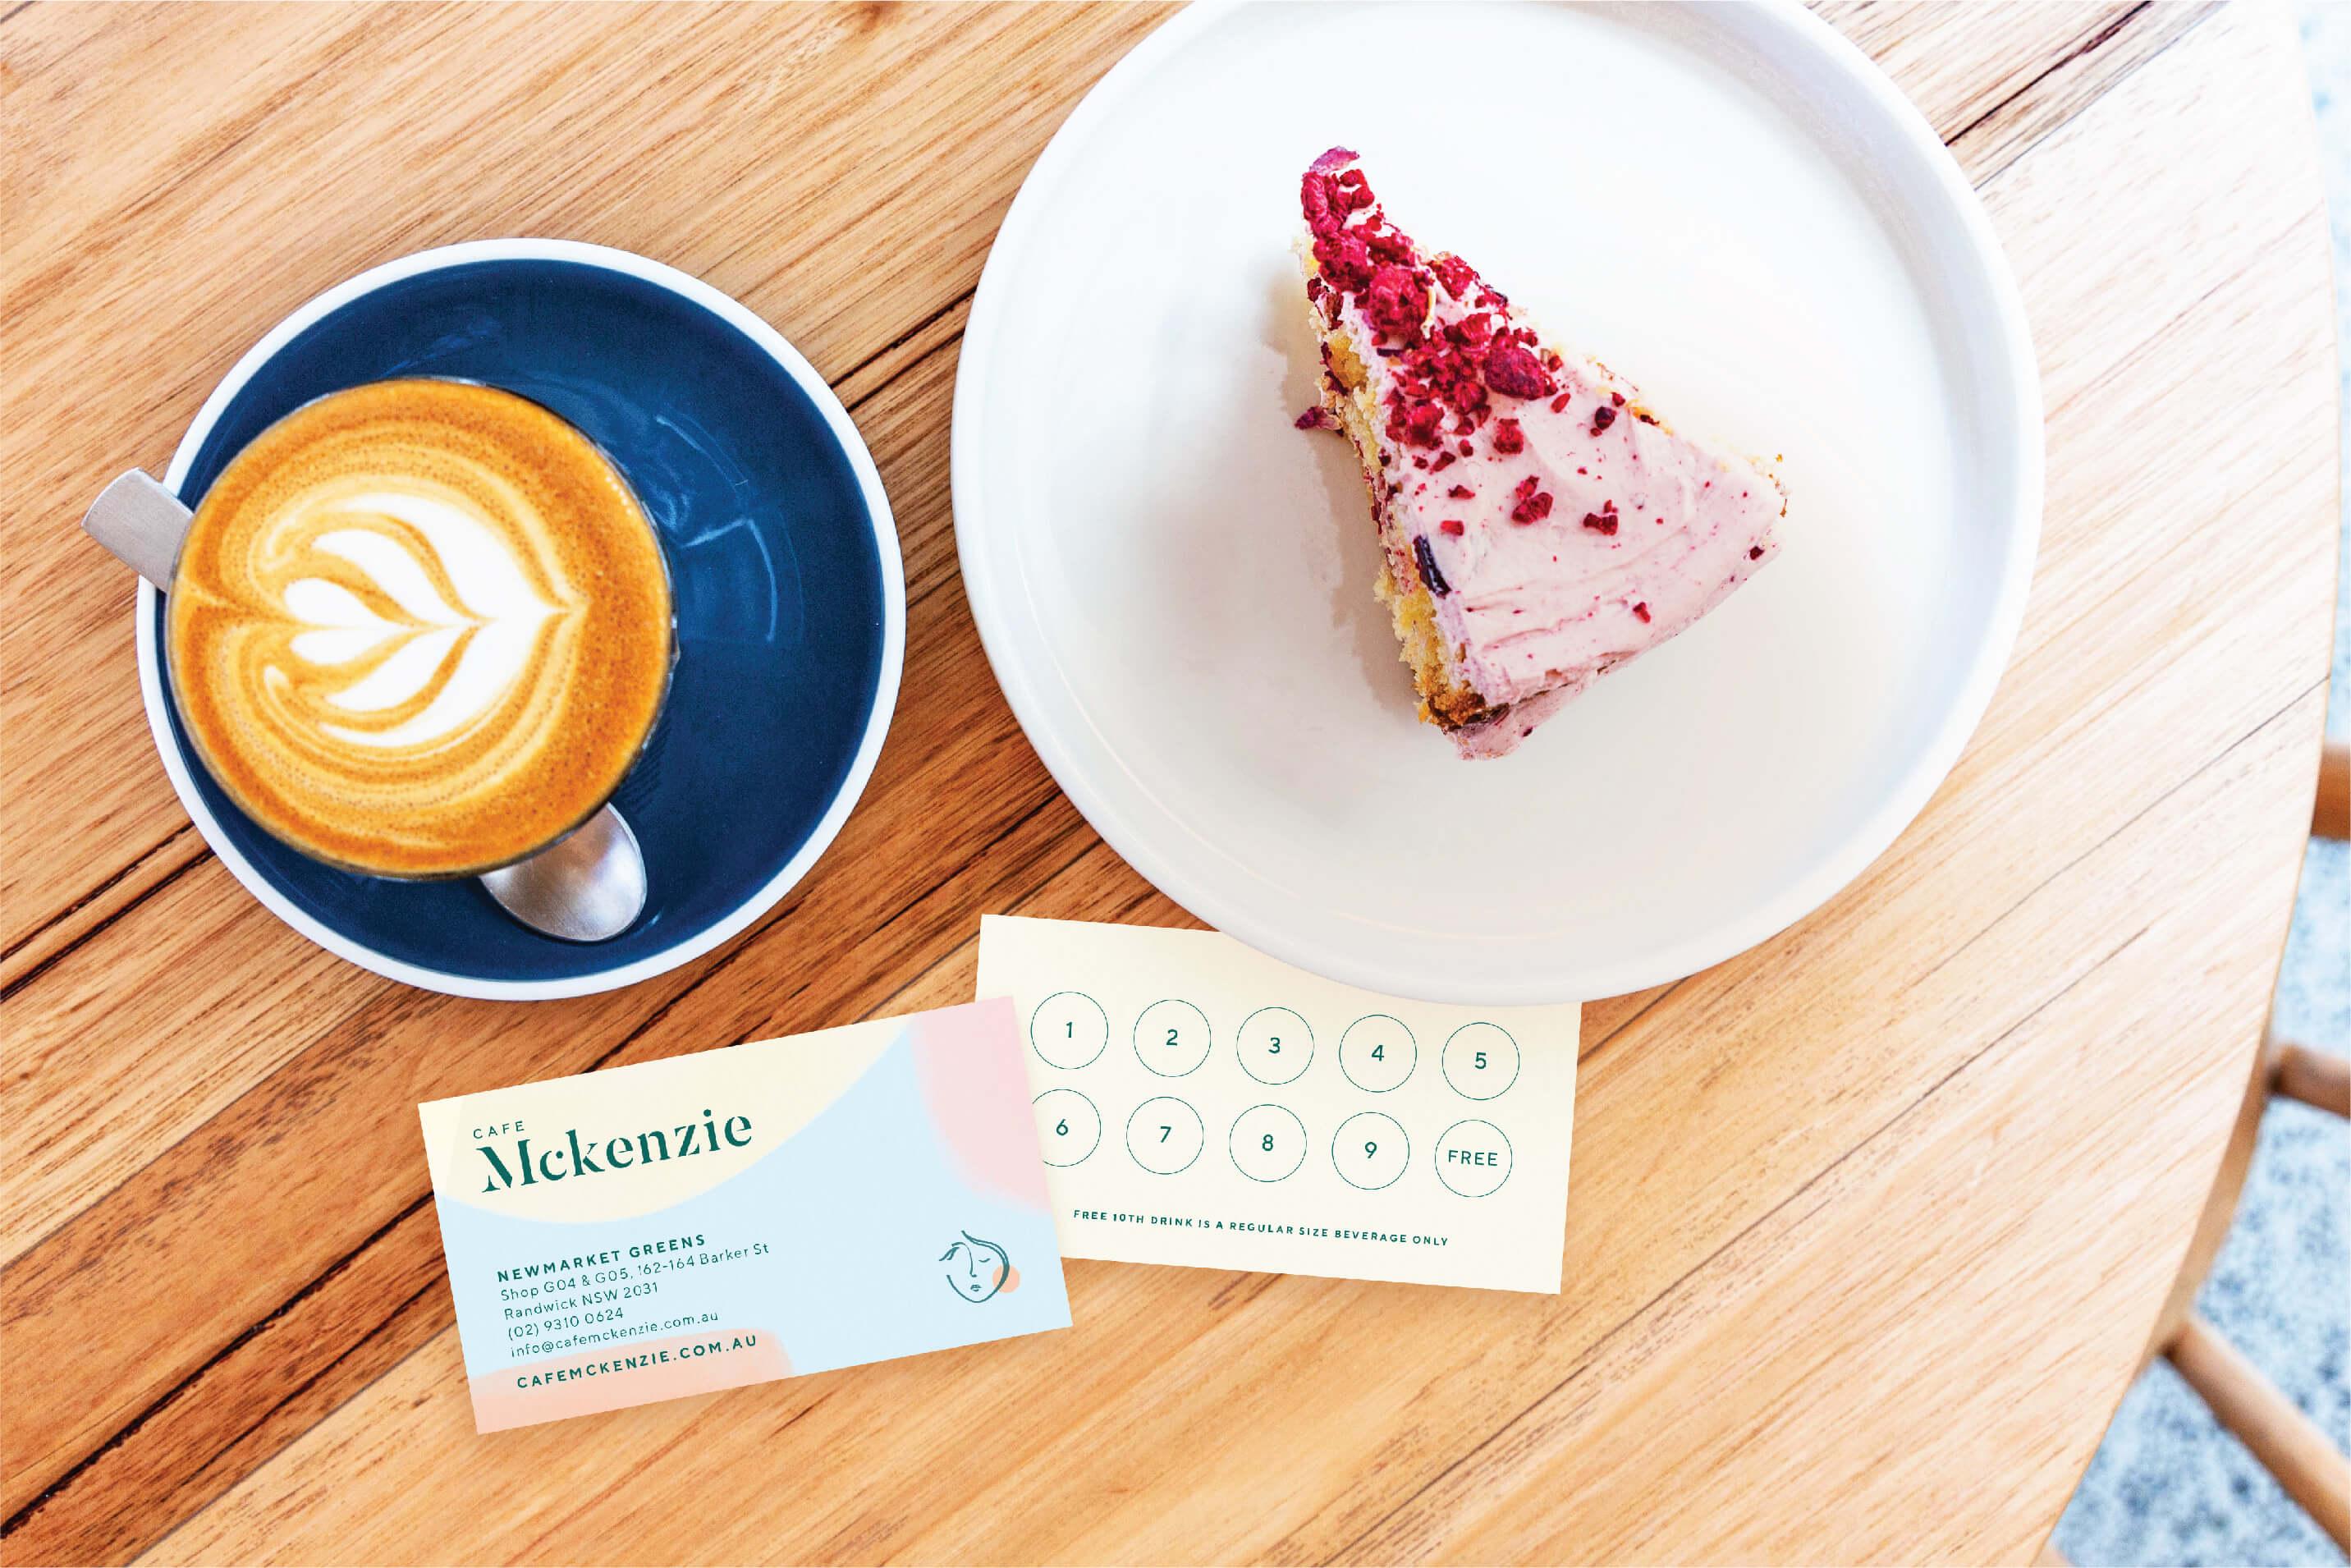 cafe-mckenzie-randwick-branding-design-cafe-A-01-07